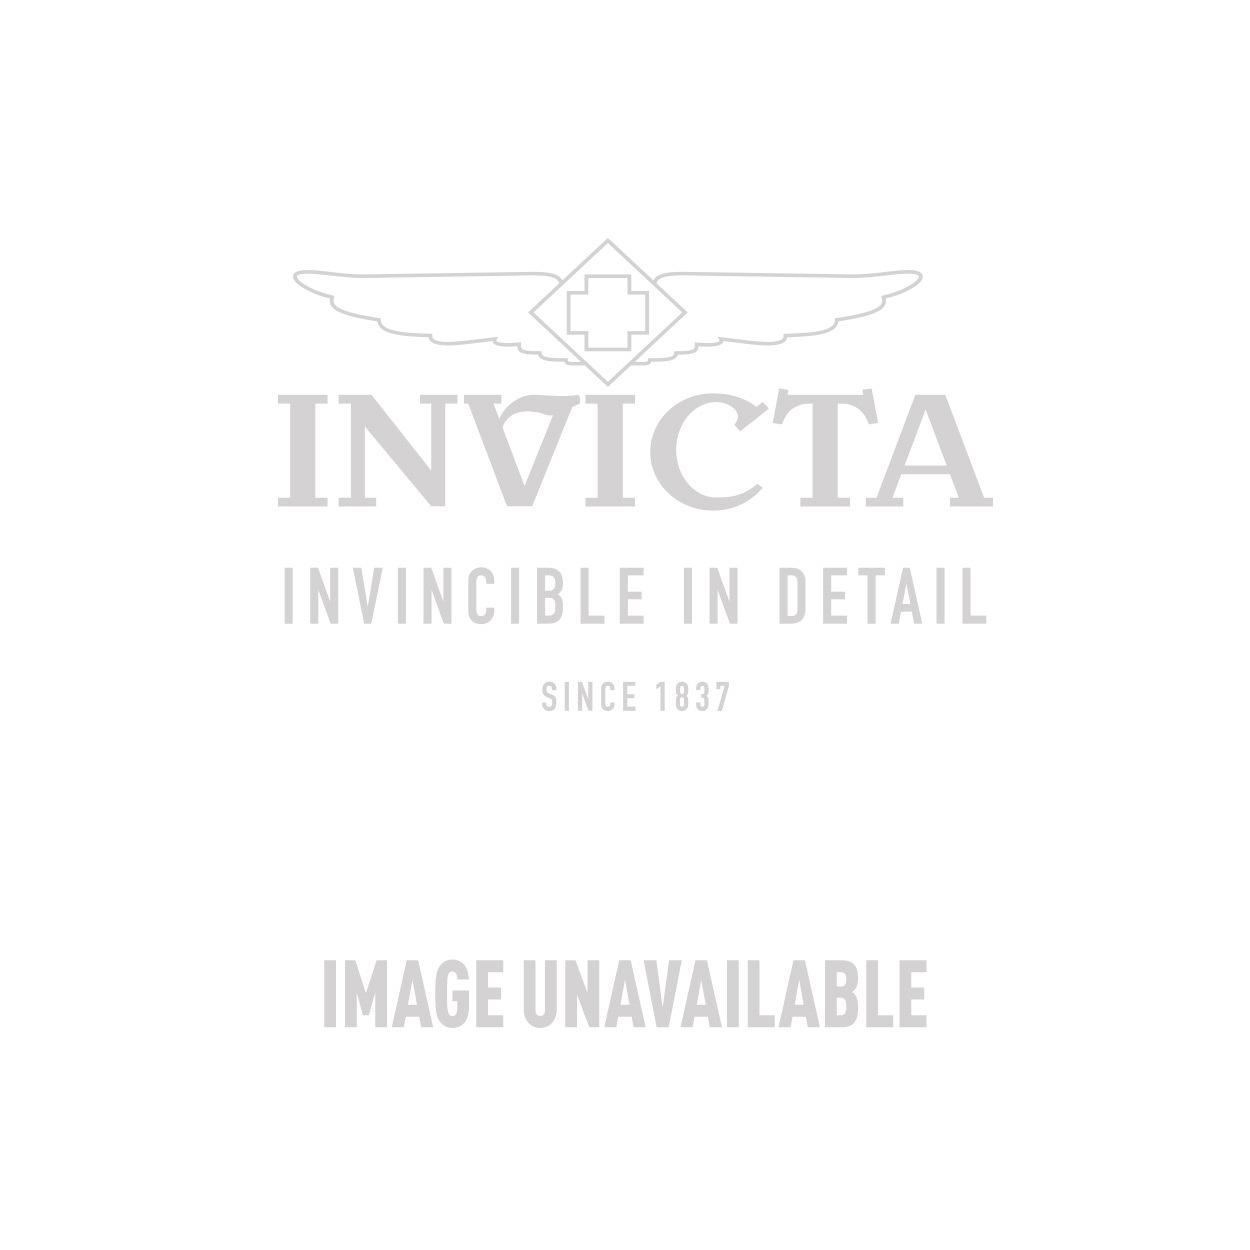 Invicta Model 26900